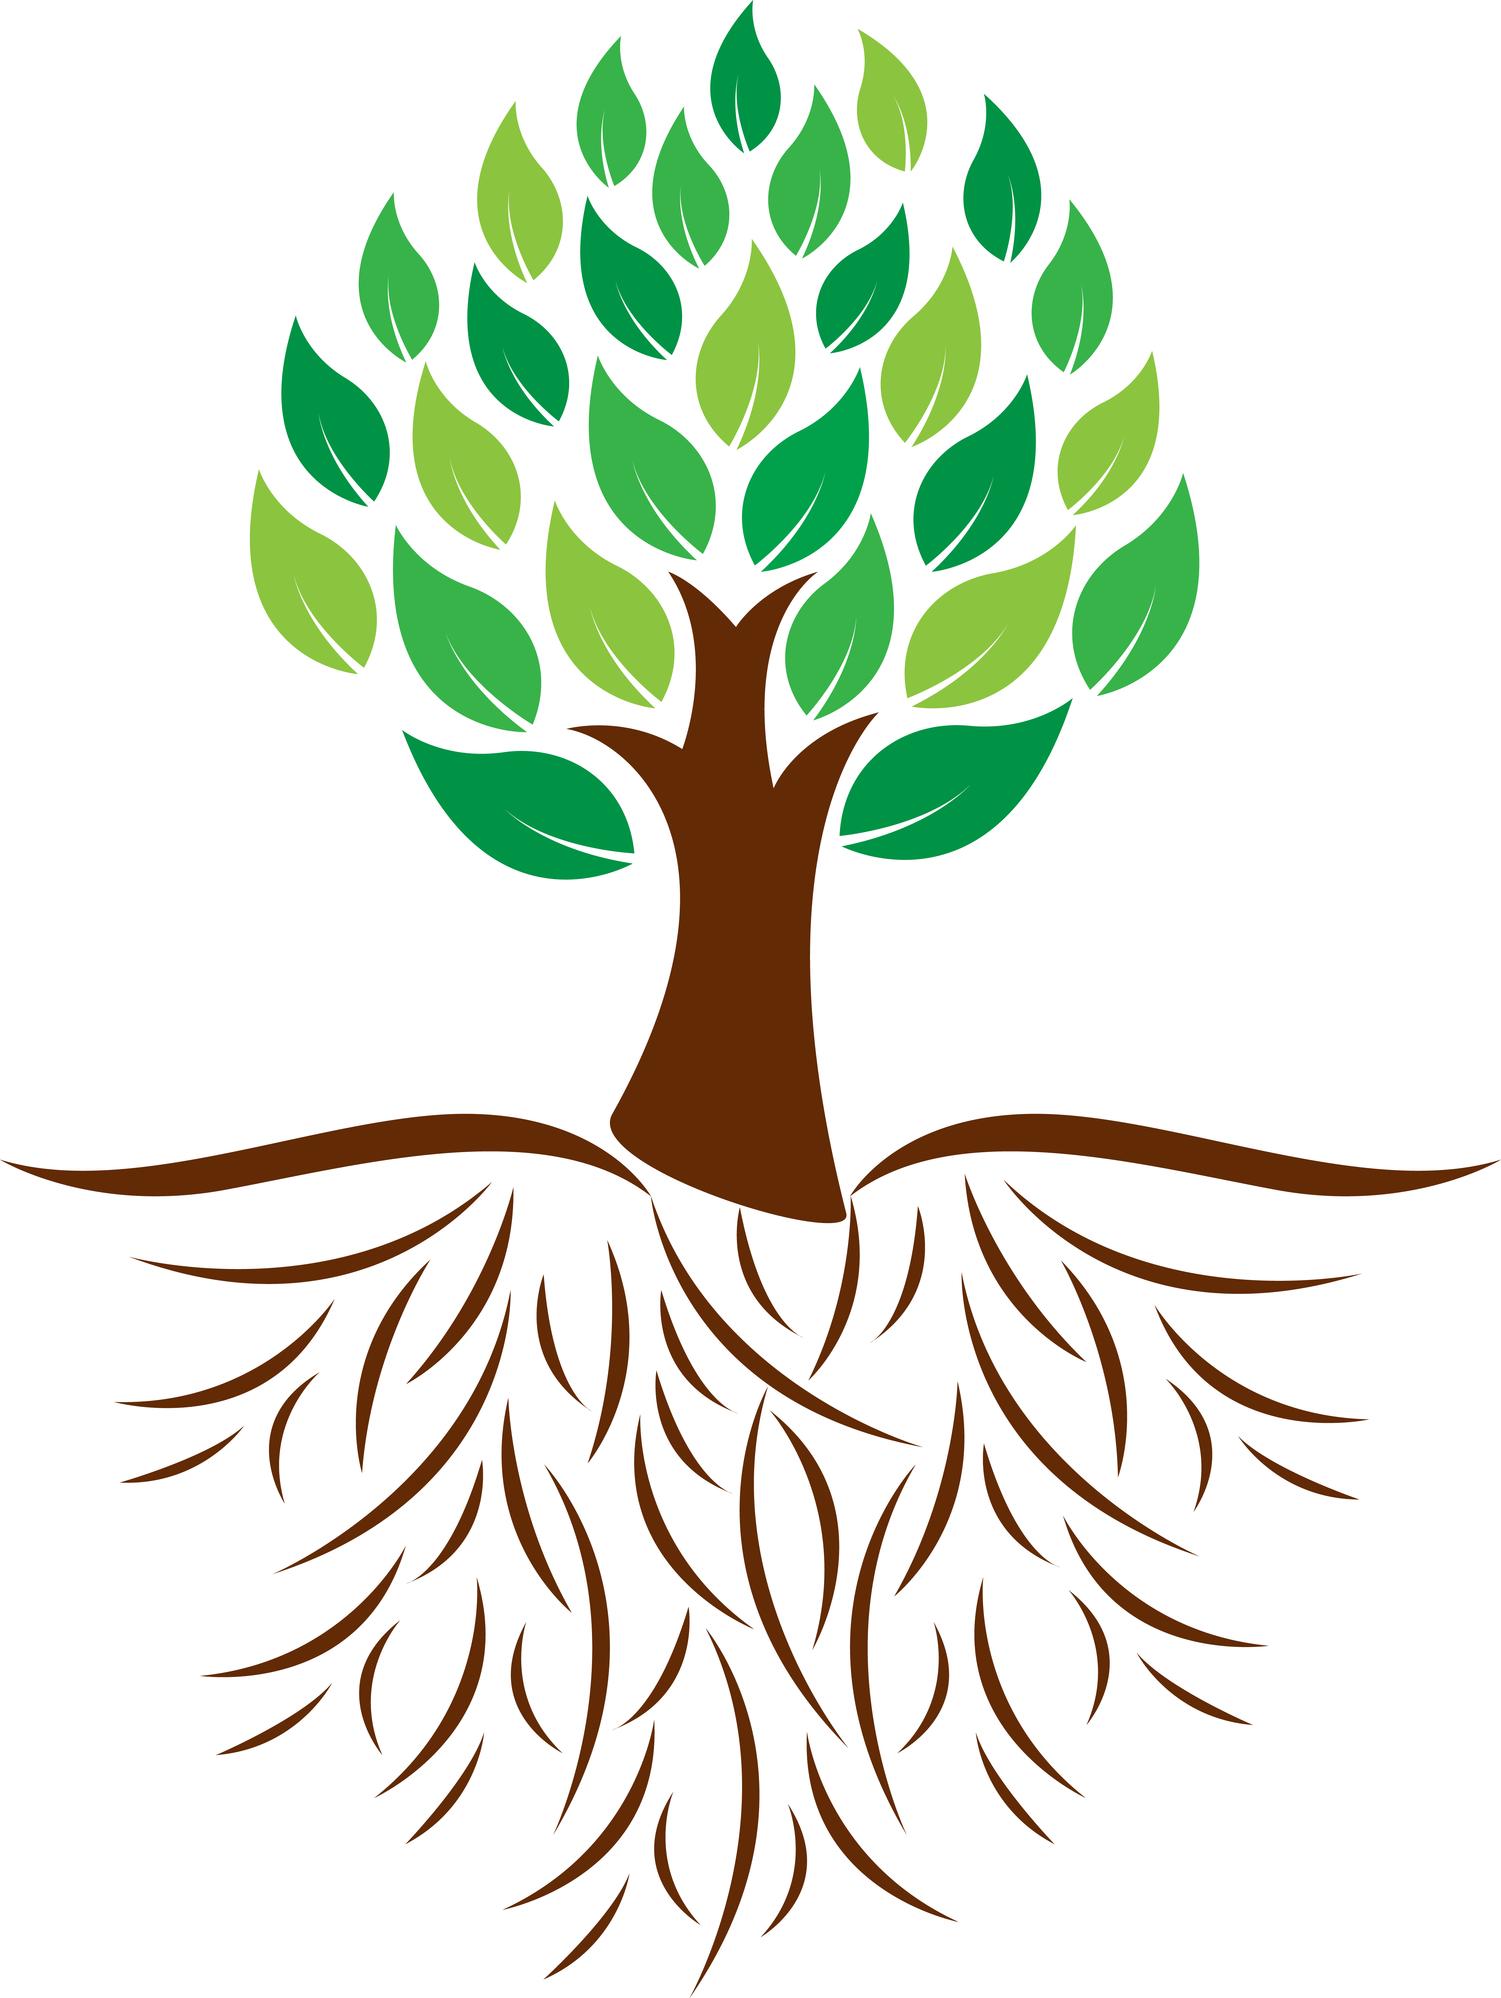 45 Roots Clip Art